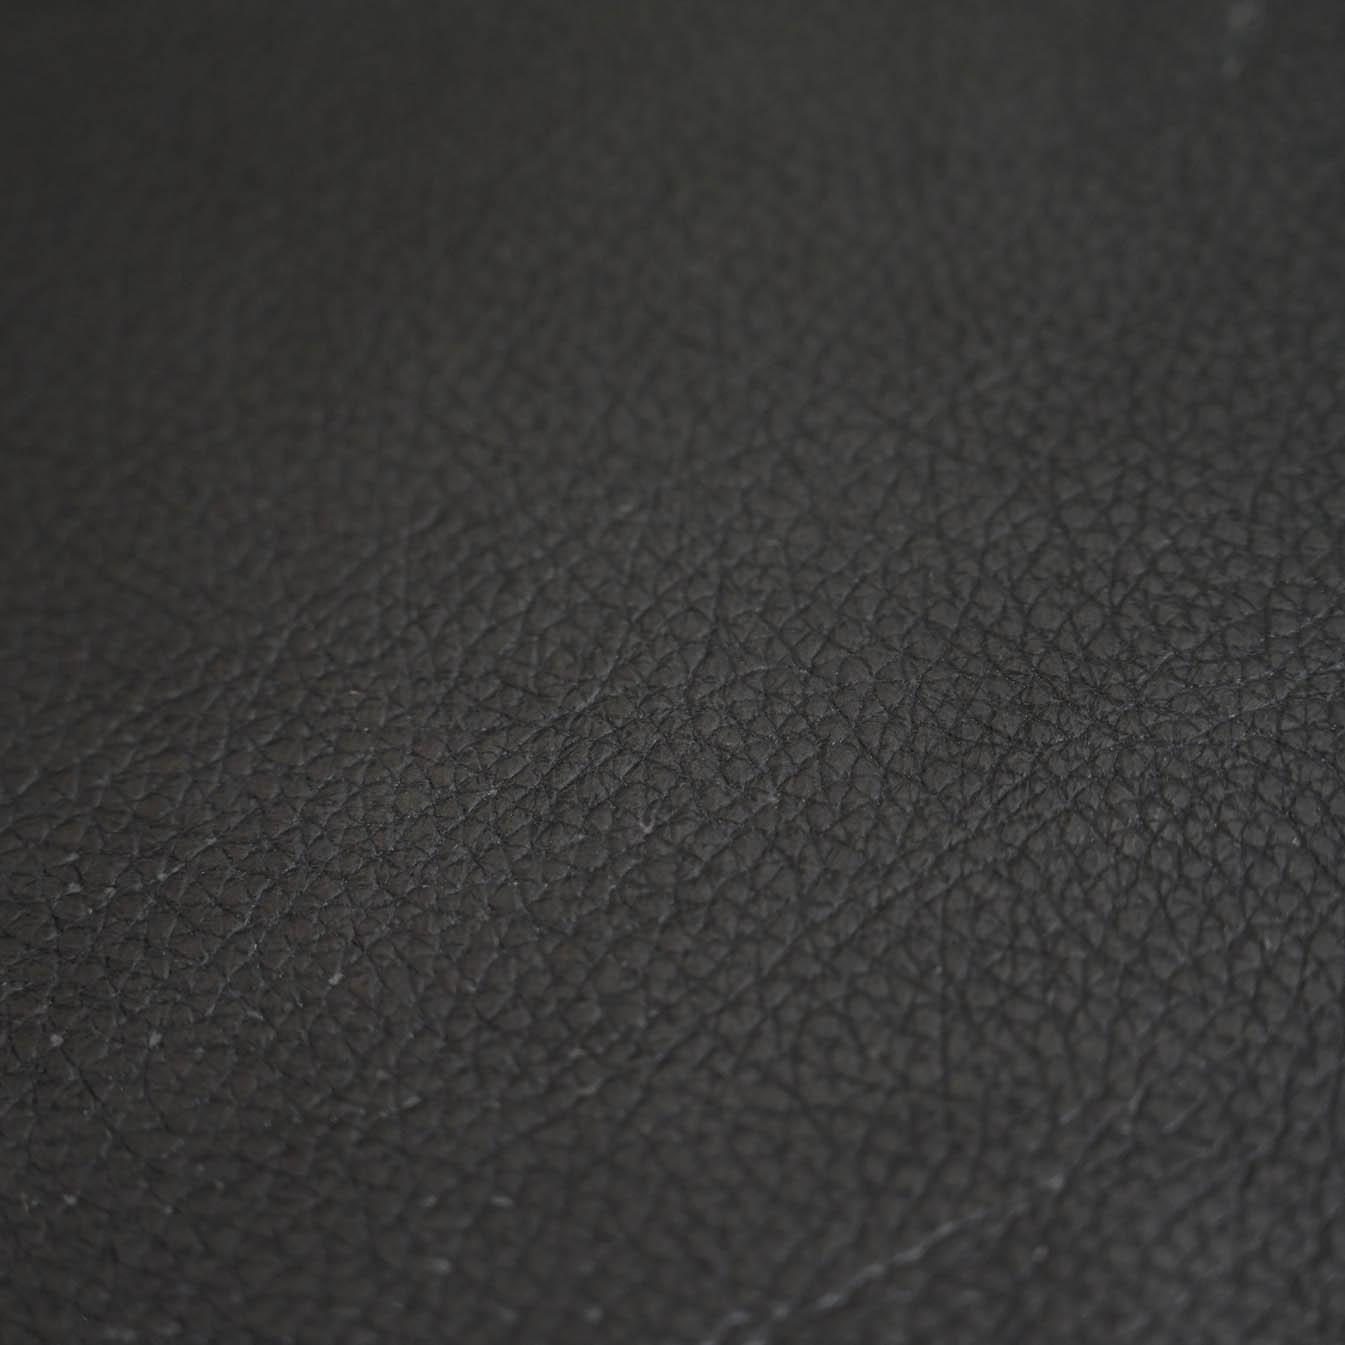 Antique 2 tone leather